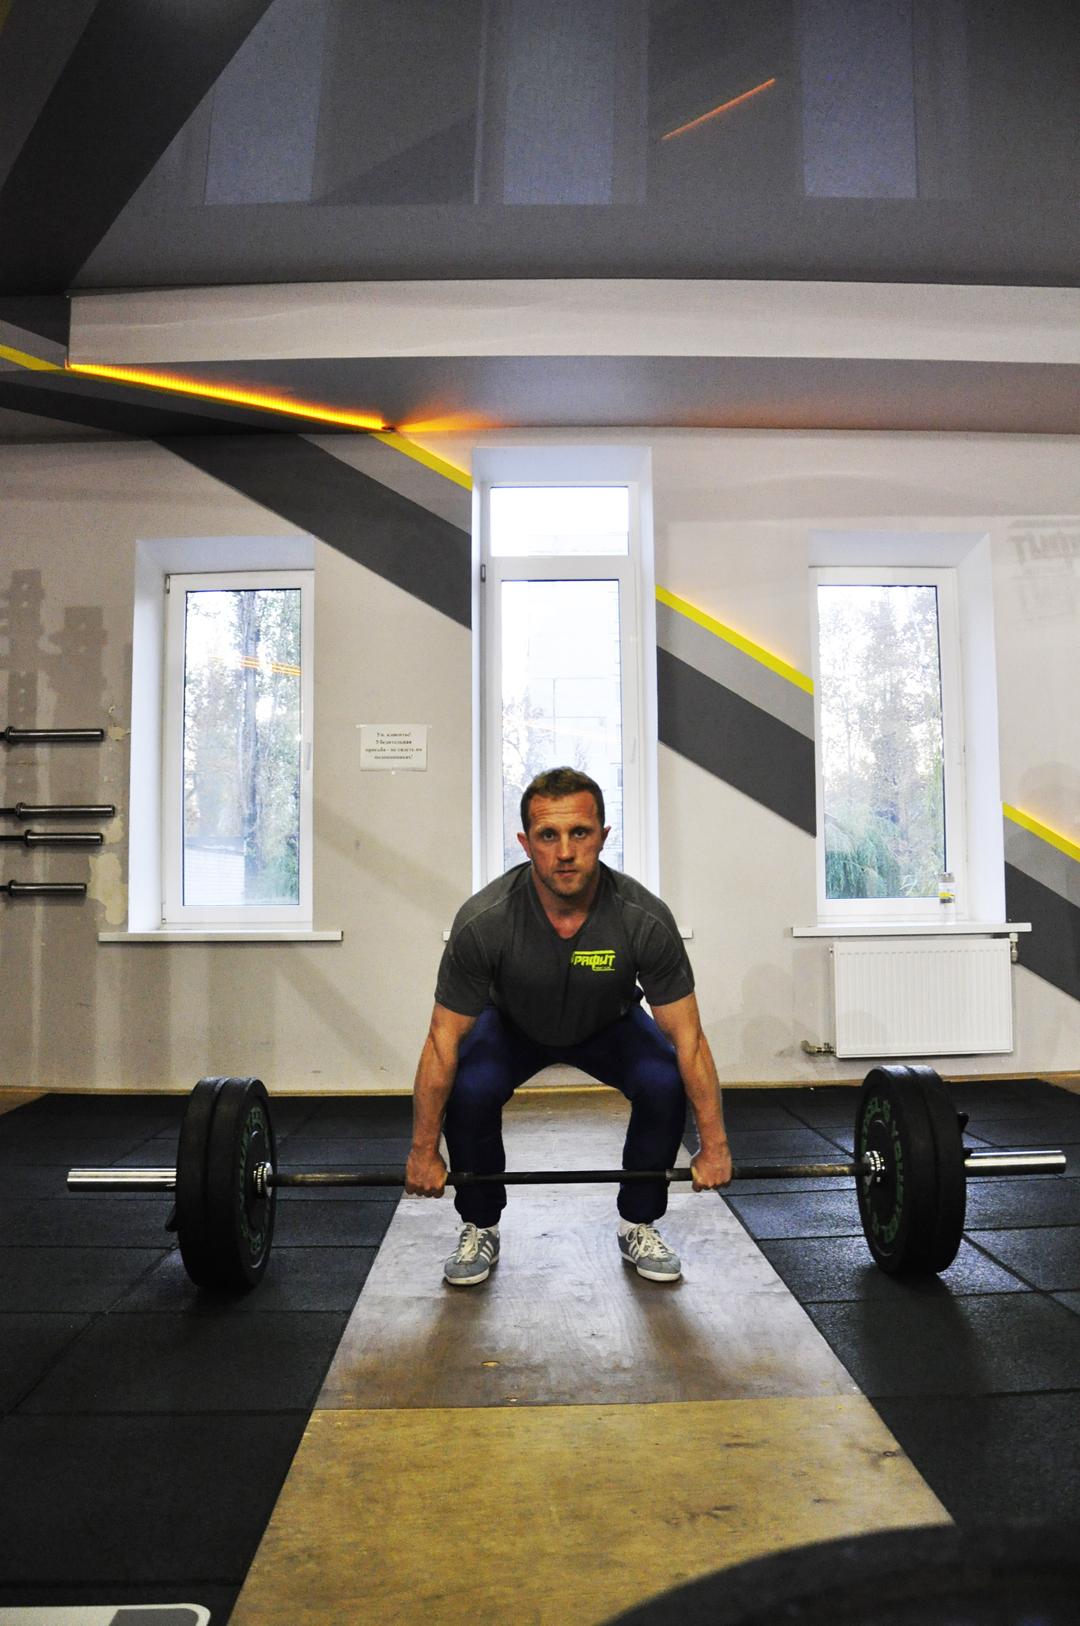 Кто еще не знаком – знакомьтесь😉Персональный тренер 3 категории, тренер по кроссфиту и детскому кроссфиту – Шаров Денис.